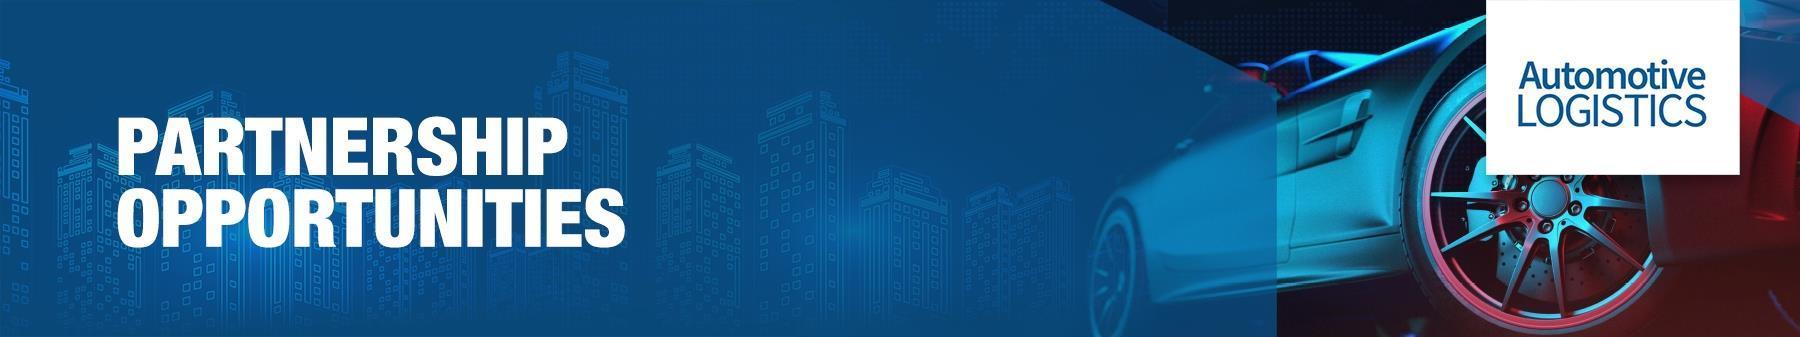 782-al-conference-web-partner-banner-v4-130720-72dpi (1)